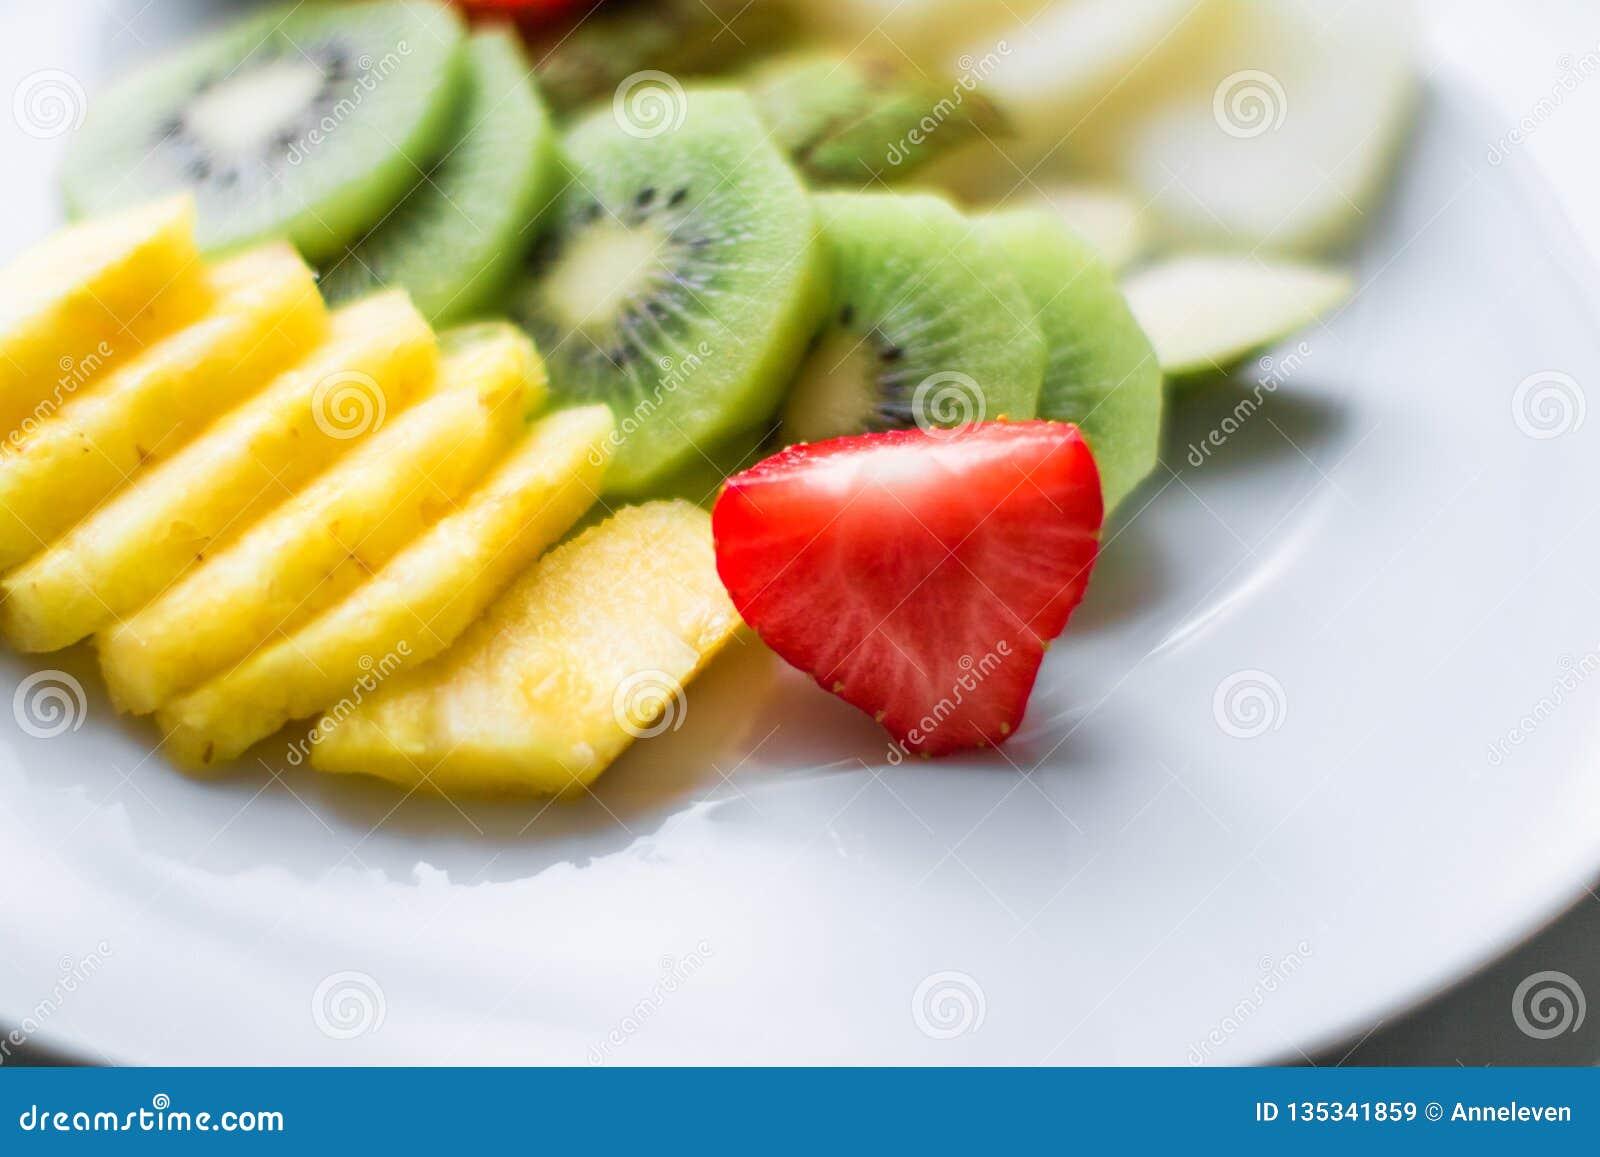 πιάτο φρούτων που εξυπηρετείται την έννοια - οι νωποί καρποί και η υγιής κατανάλωση όρισαν